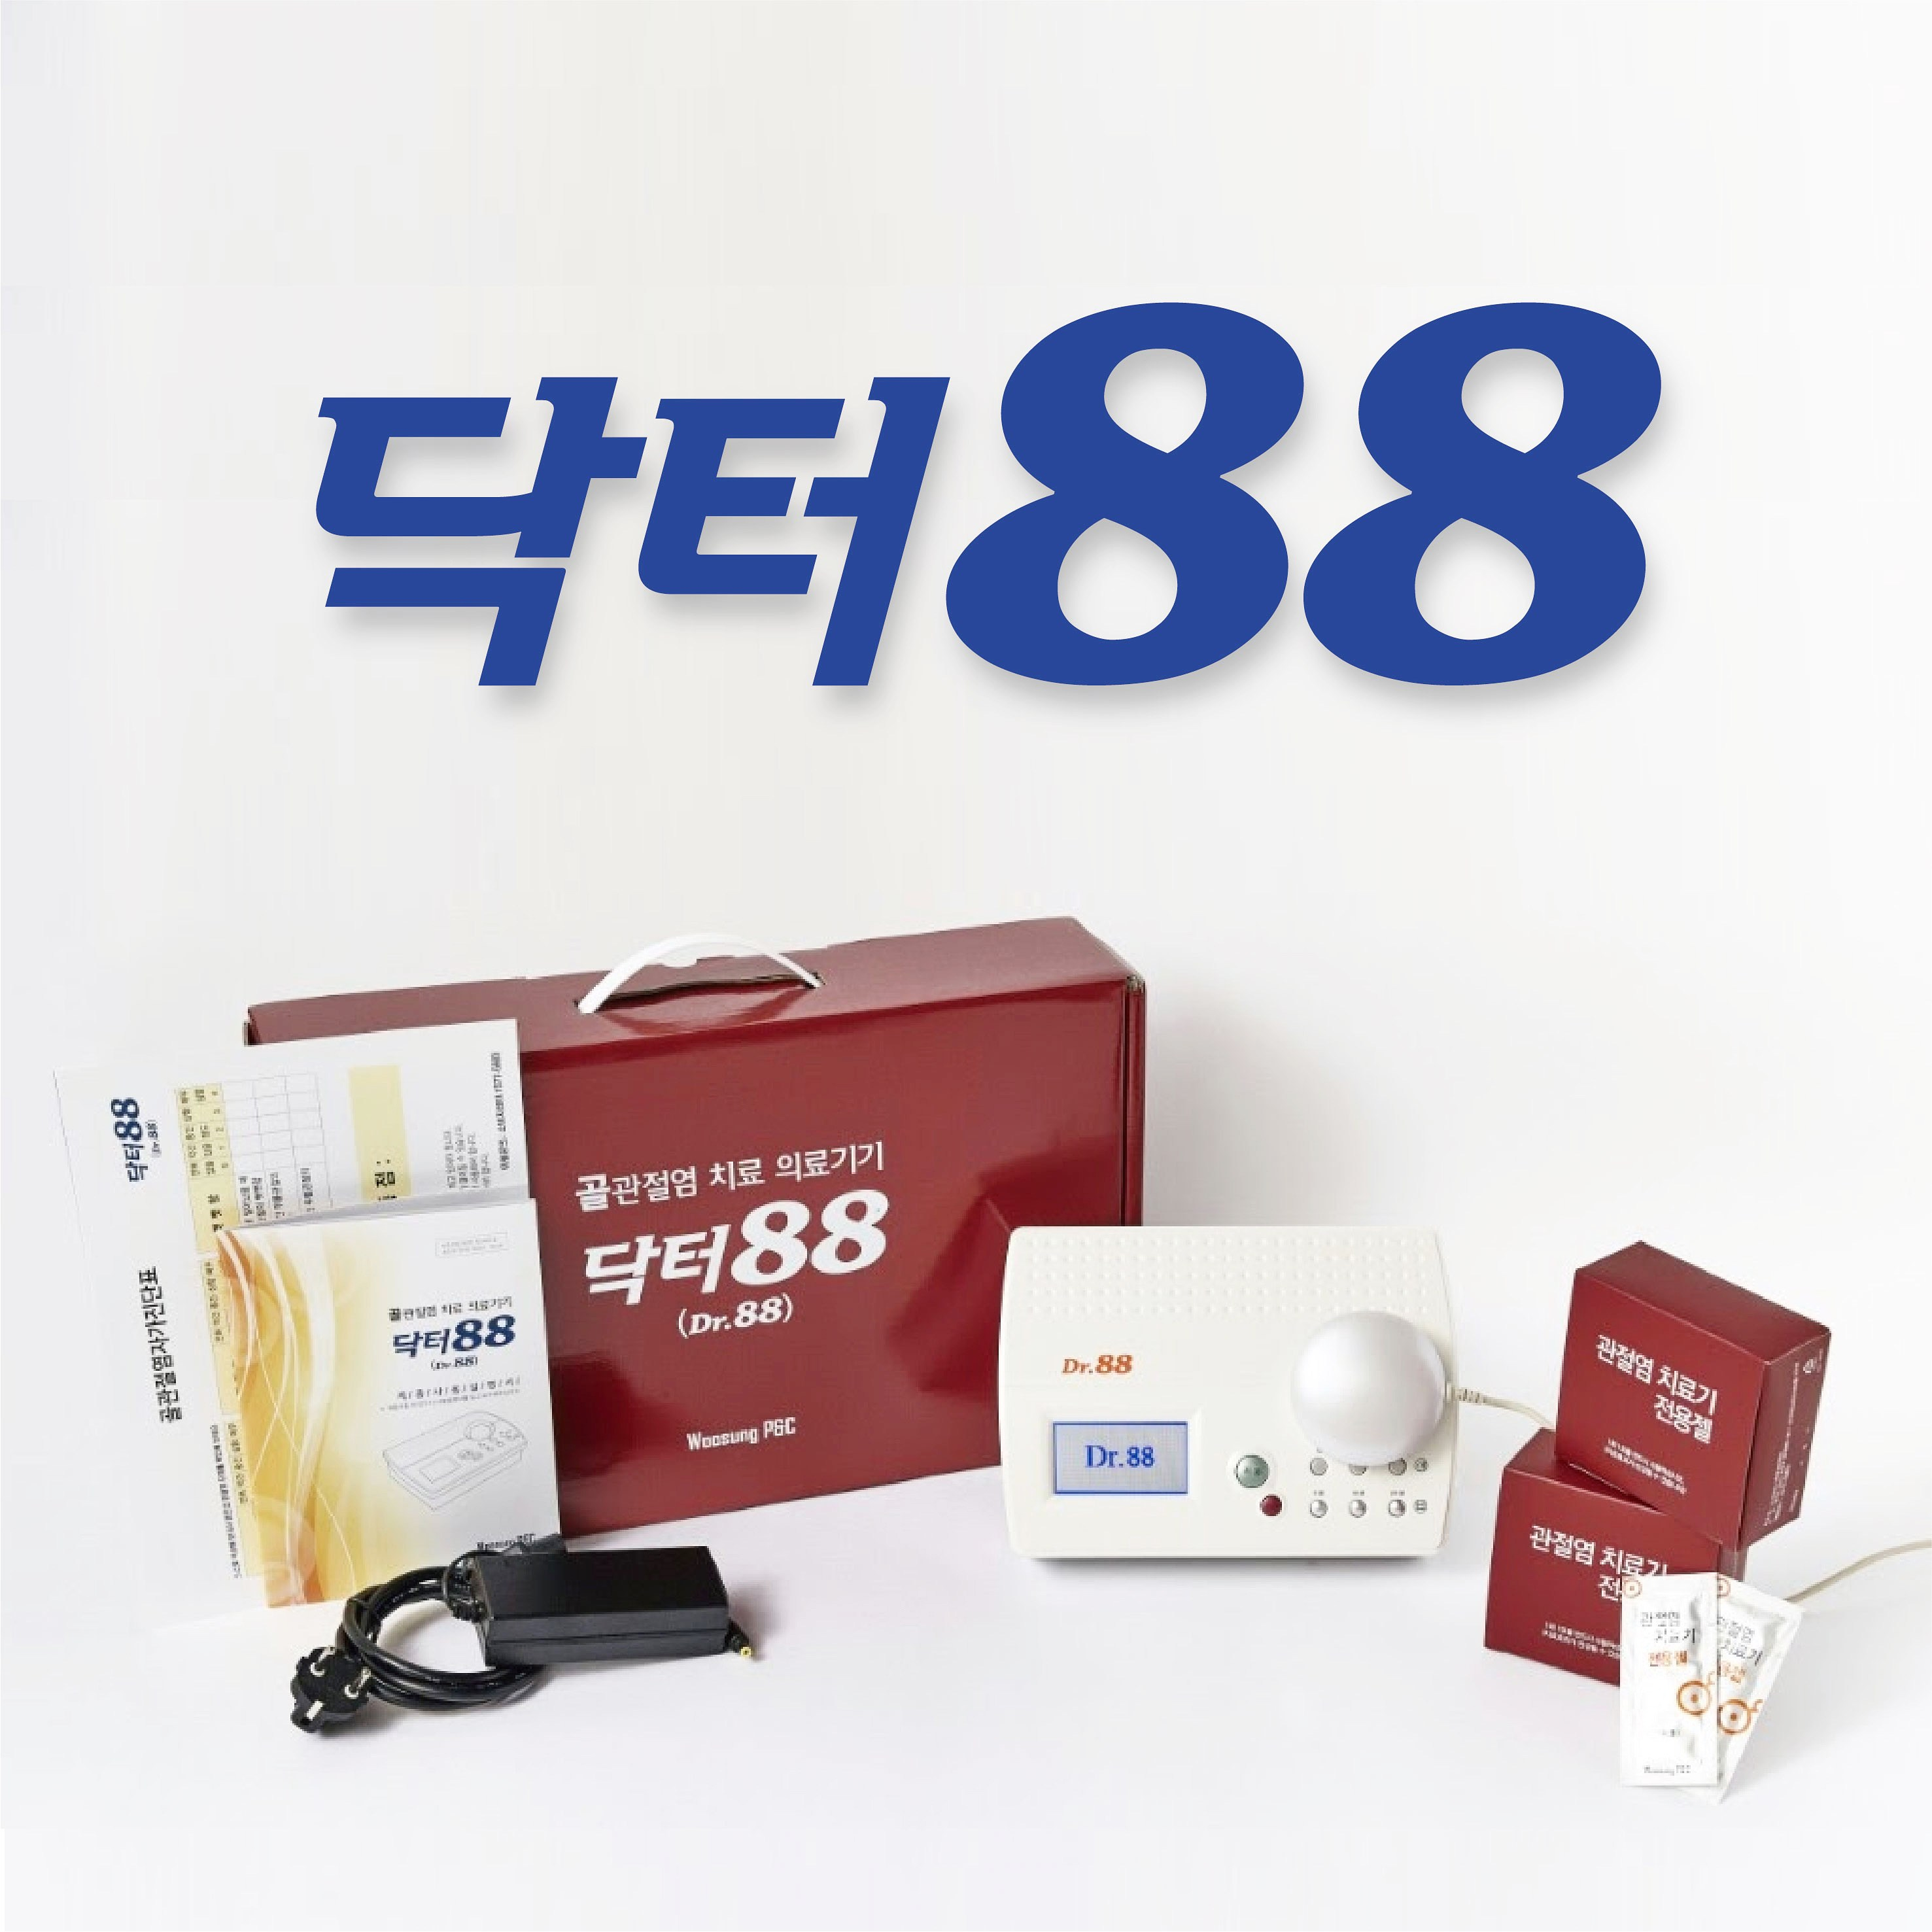 닥터88 가정용 골관절염치료기 (전용젤 240포증정), 1개